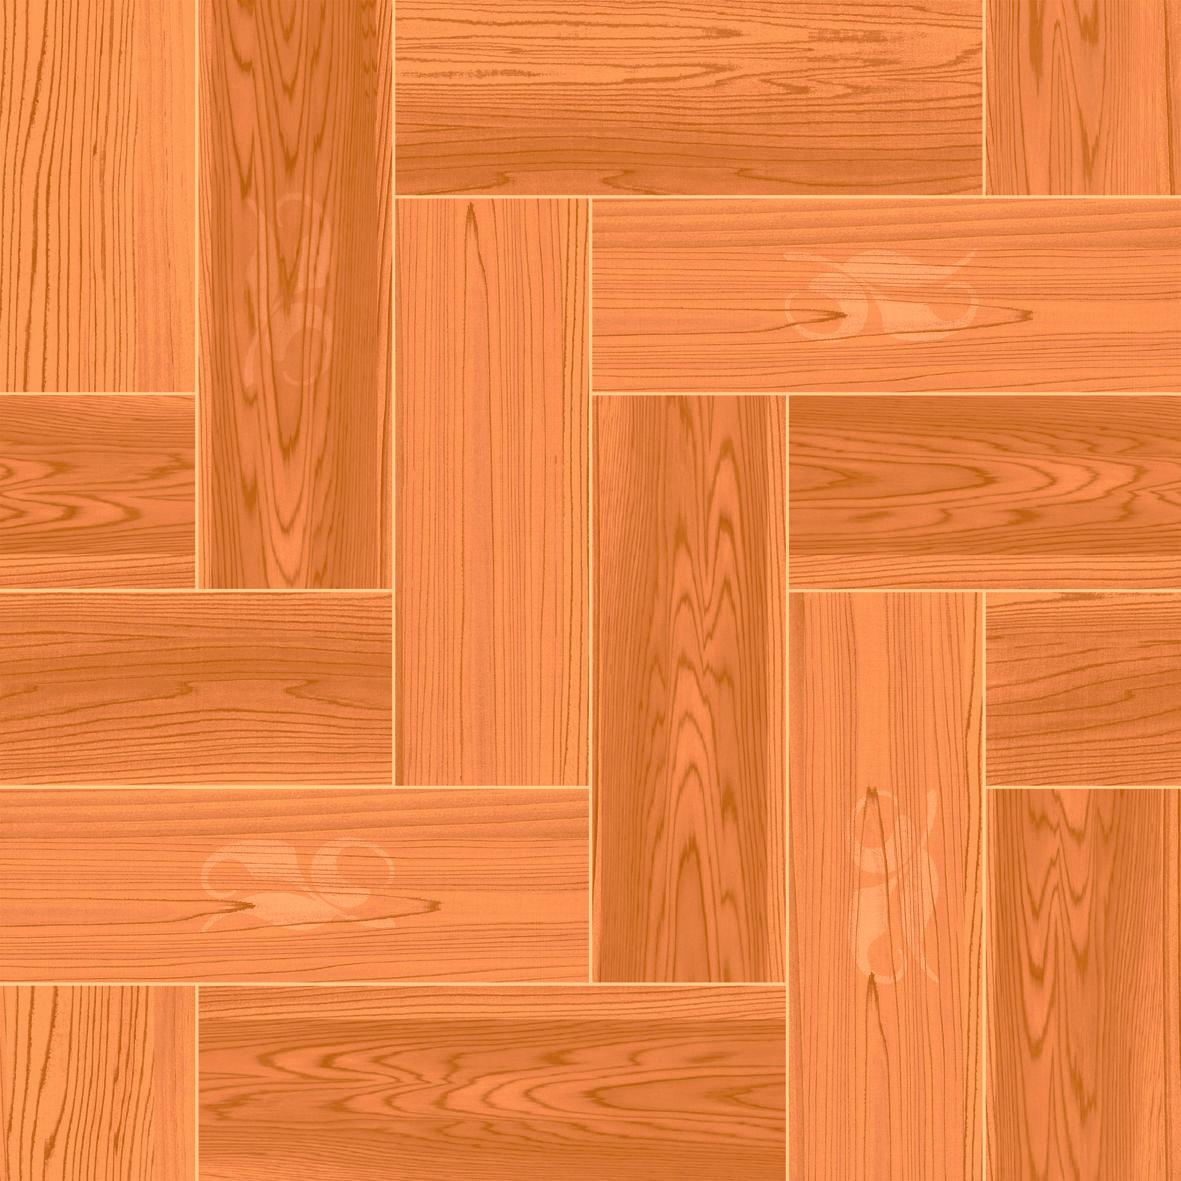 Gạch lát nền 40x40 cm